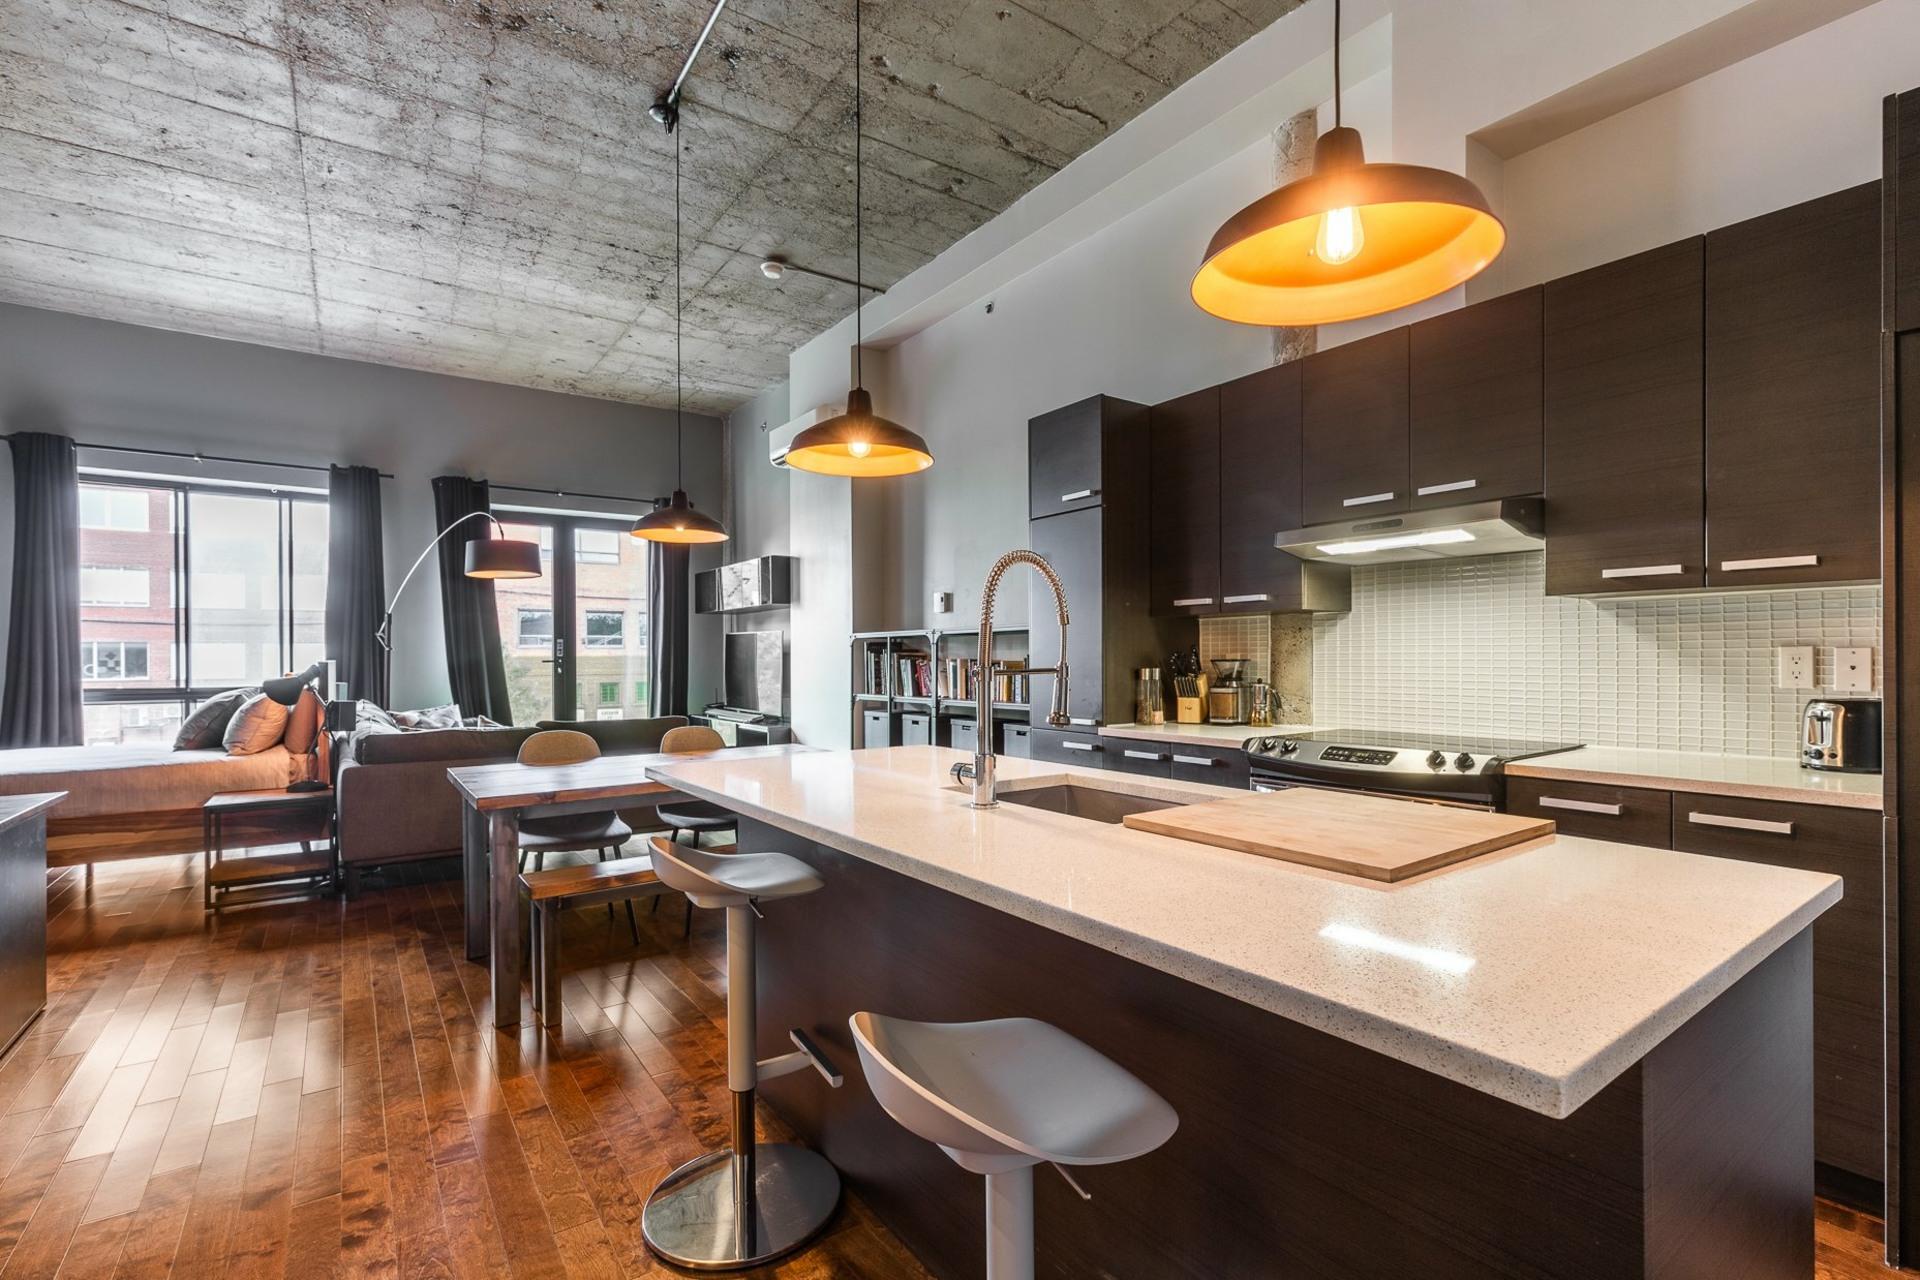 image 3 - Appartement À vendre Villeray/Saint-Michel/Parc-Extension Montréal  - 1 pièce